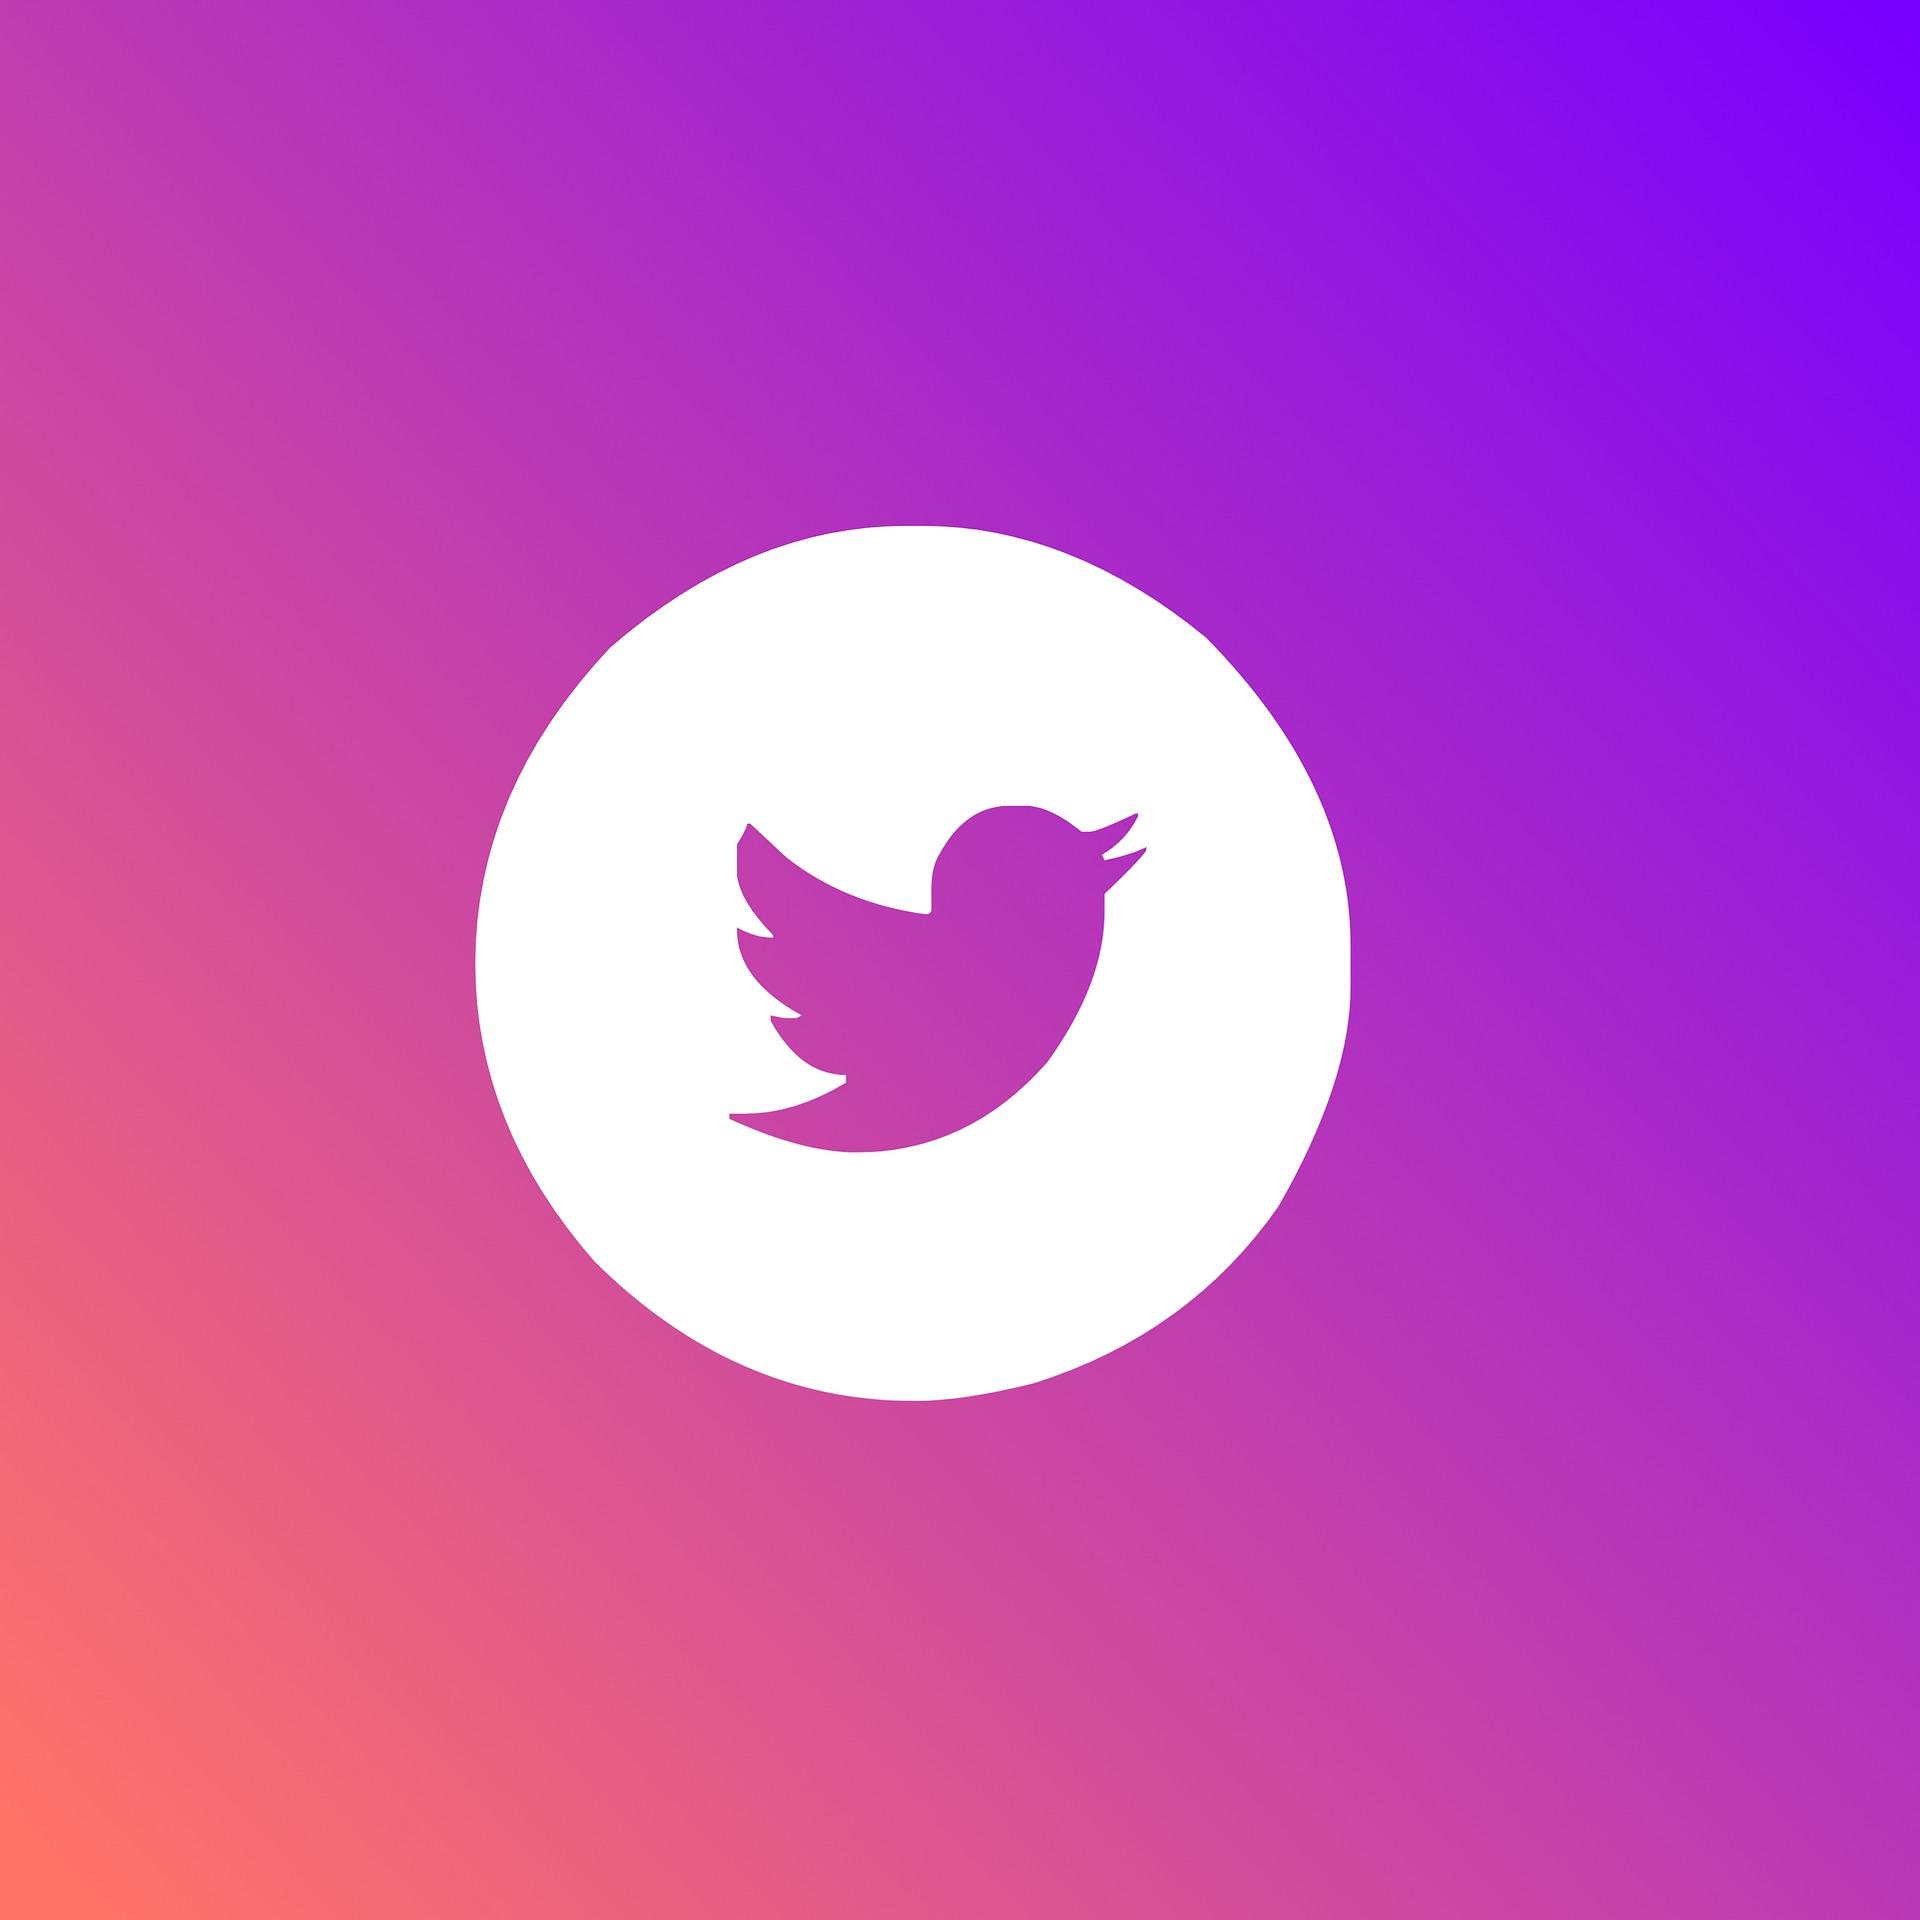 twitter-habilita-sus-propinas-a-los-usuarios-de-ios-que-podran-pagar-en-bitcoins